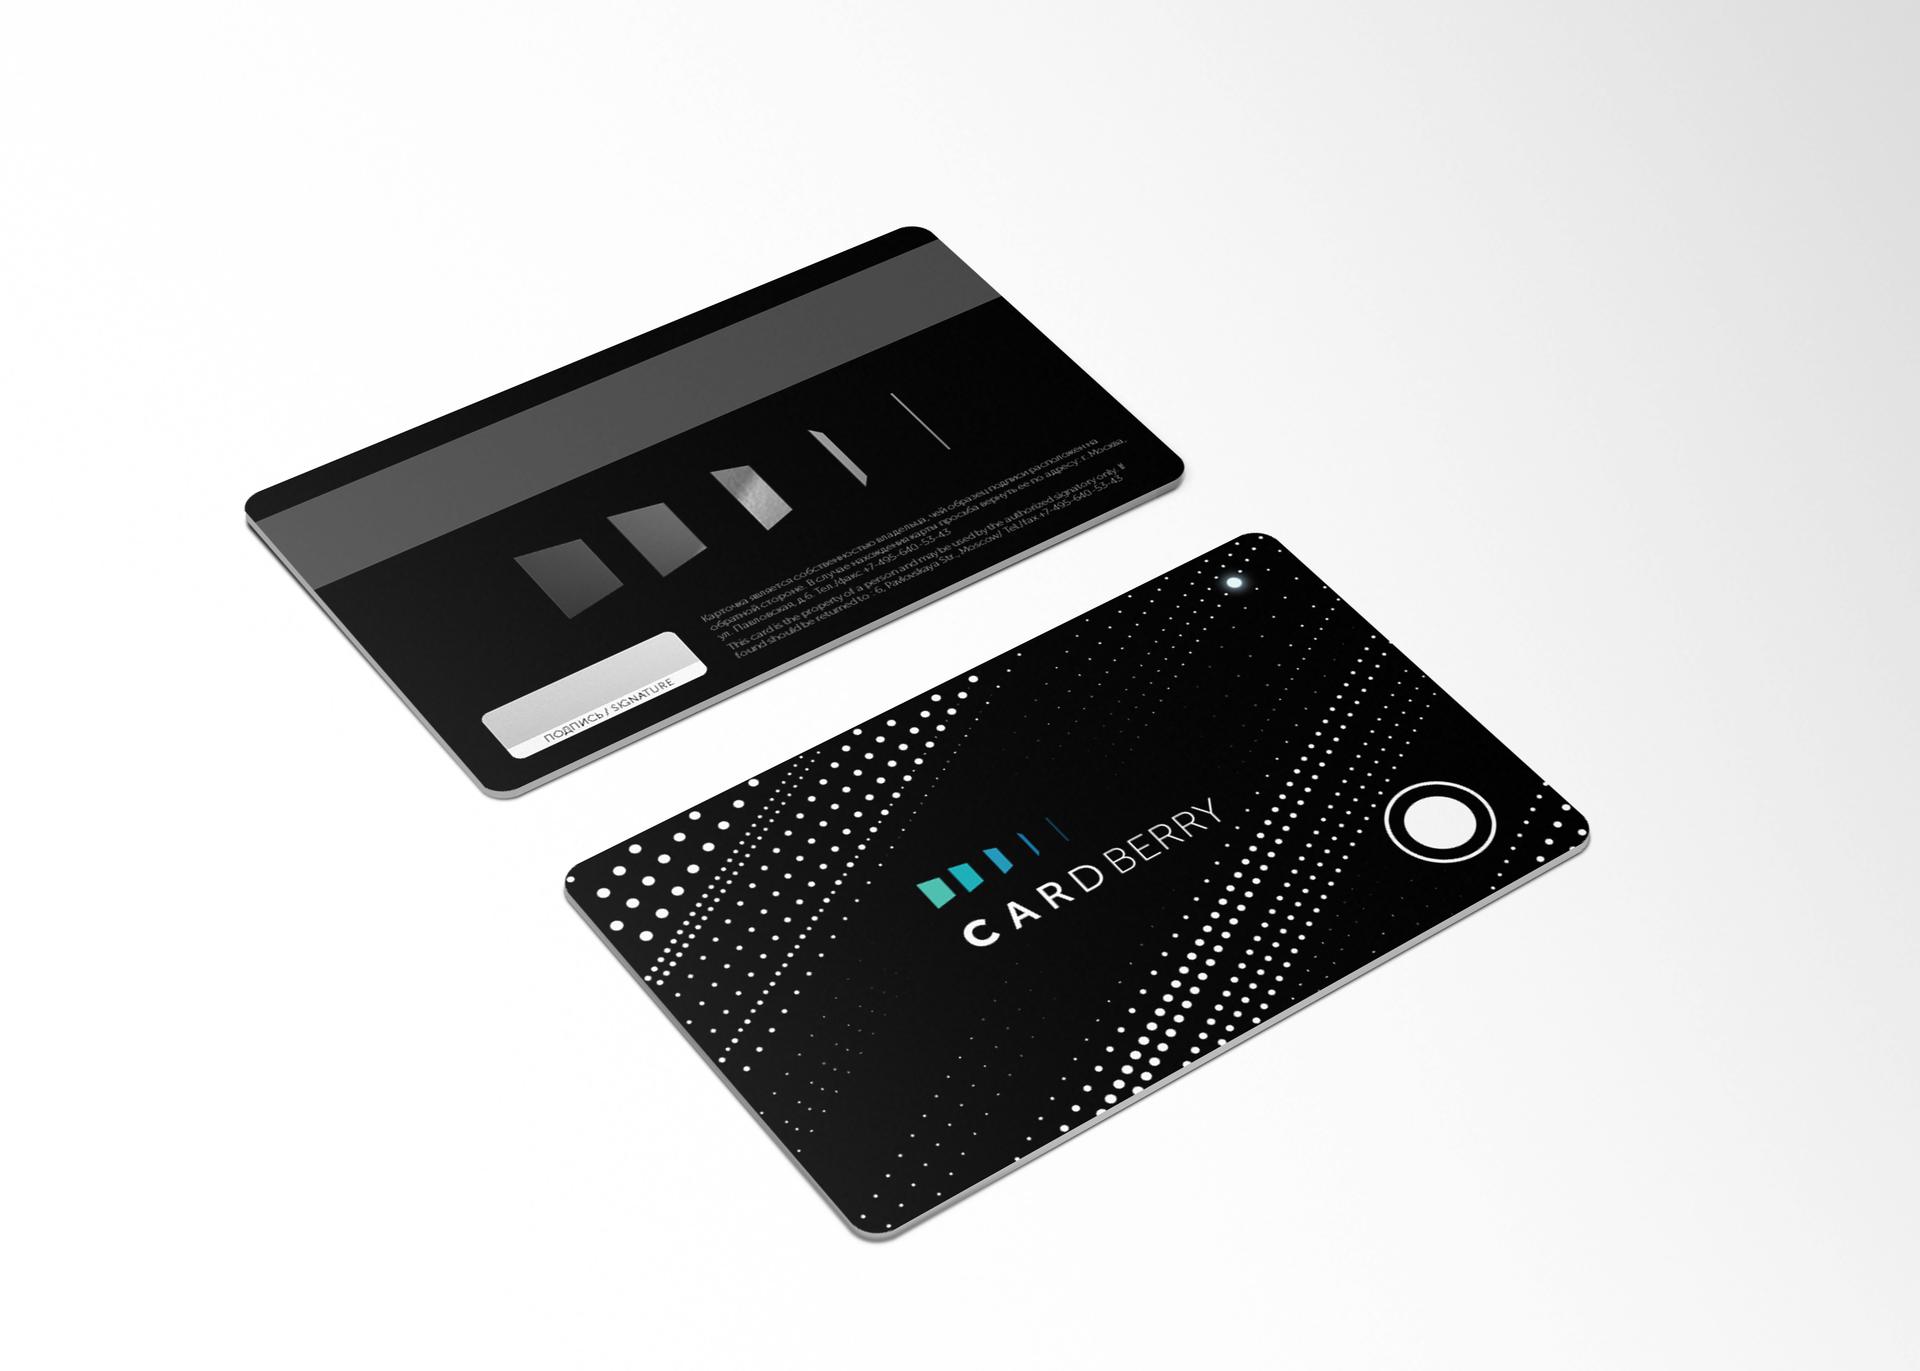 Агрегатор дисконтных карт Cardberry: от идеи до прототипа